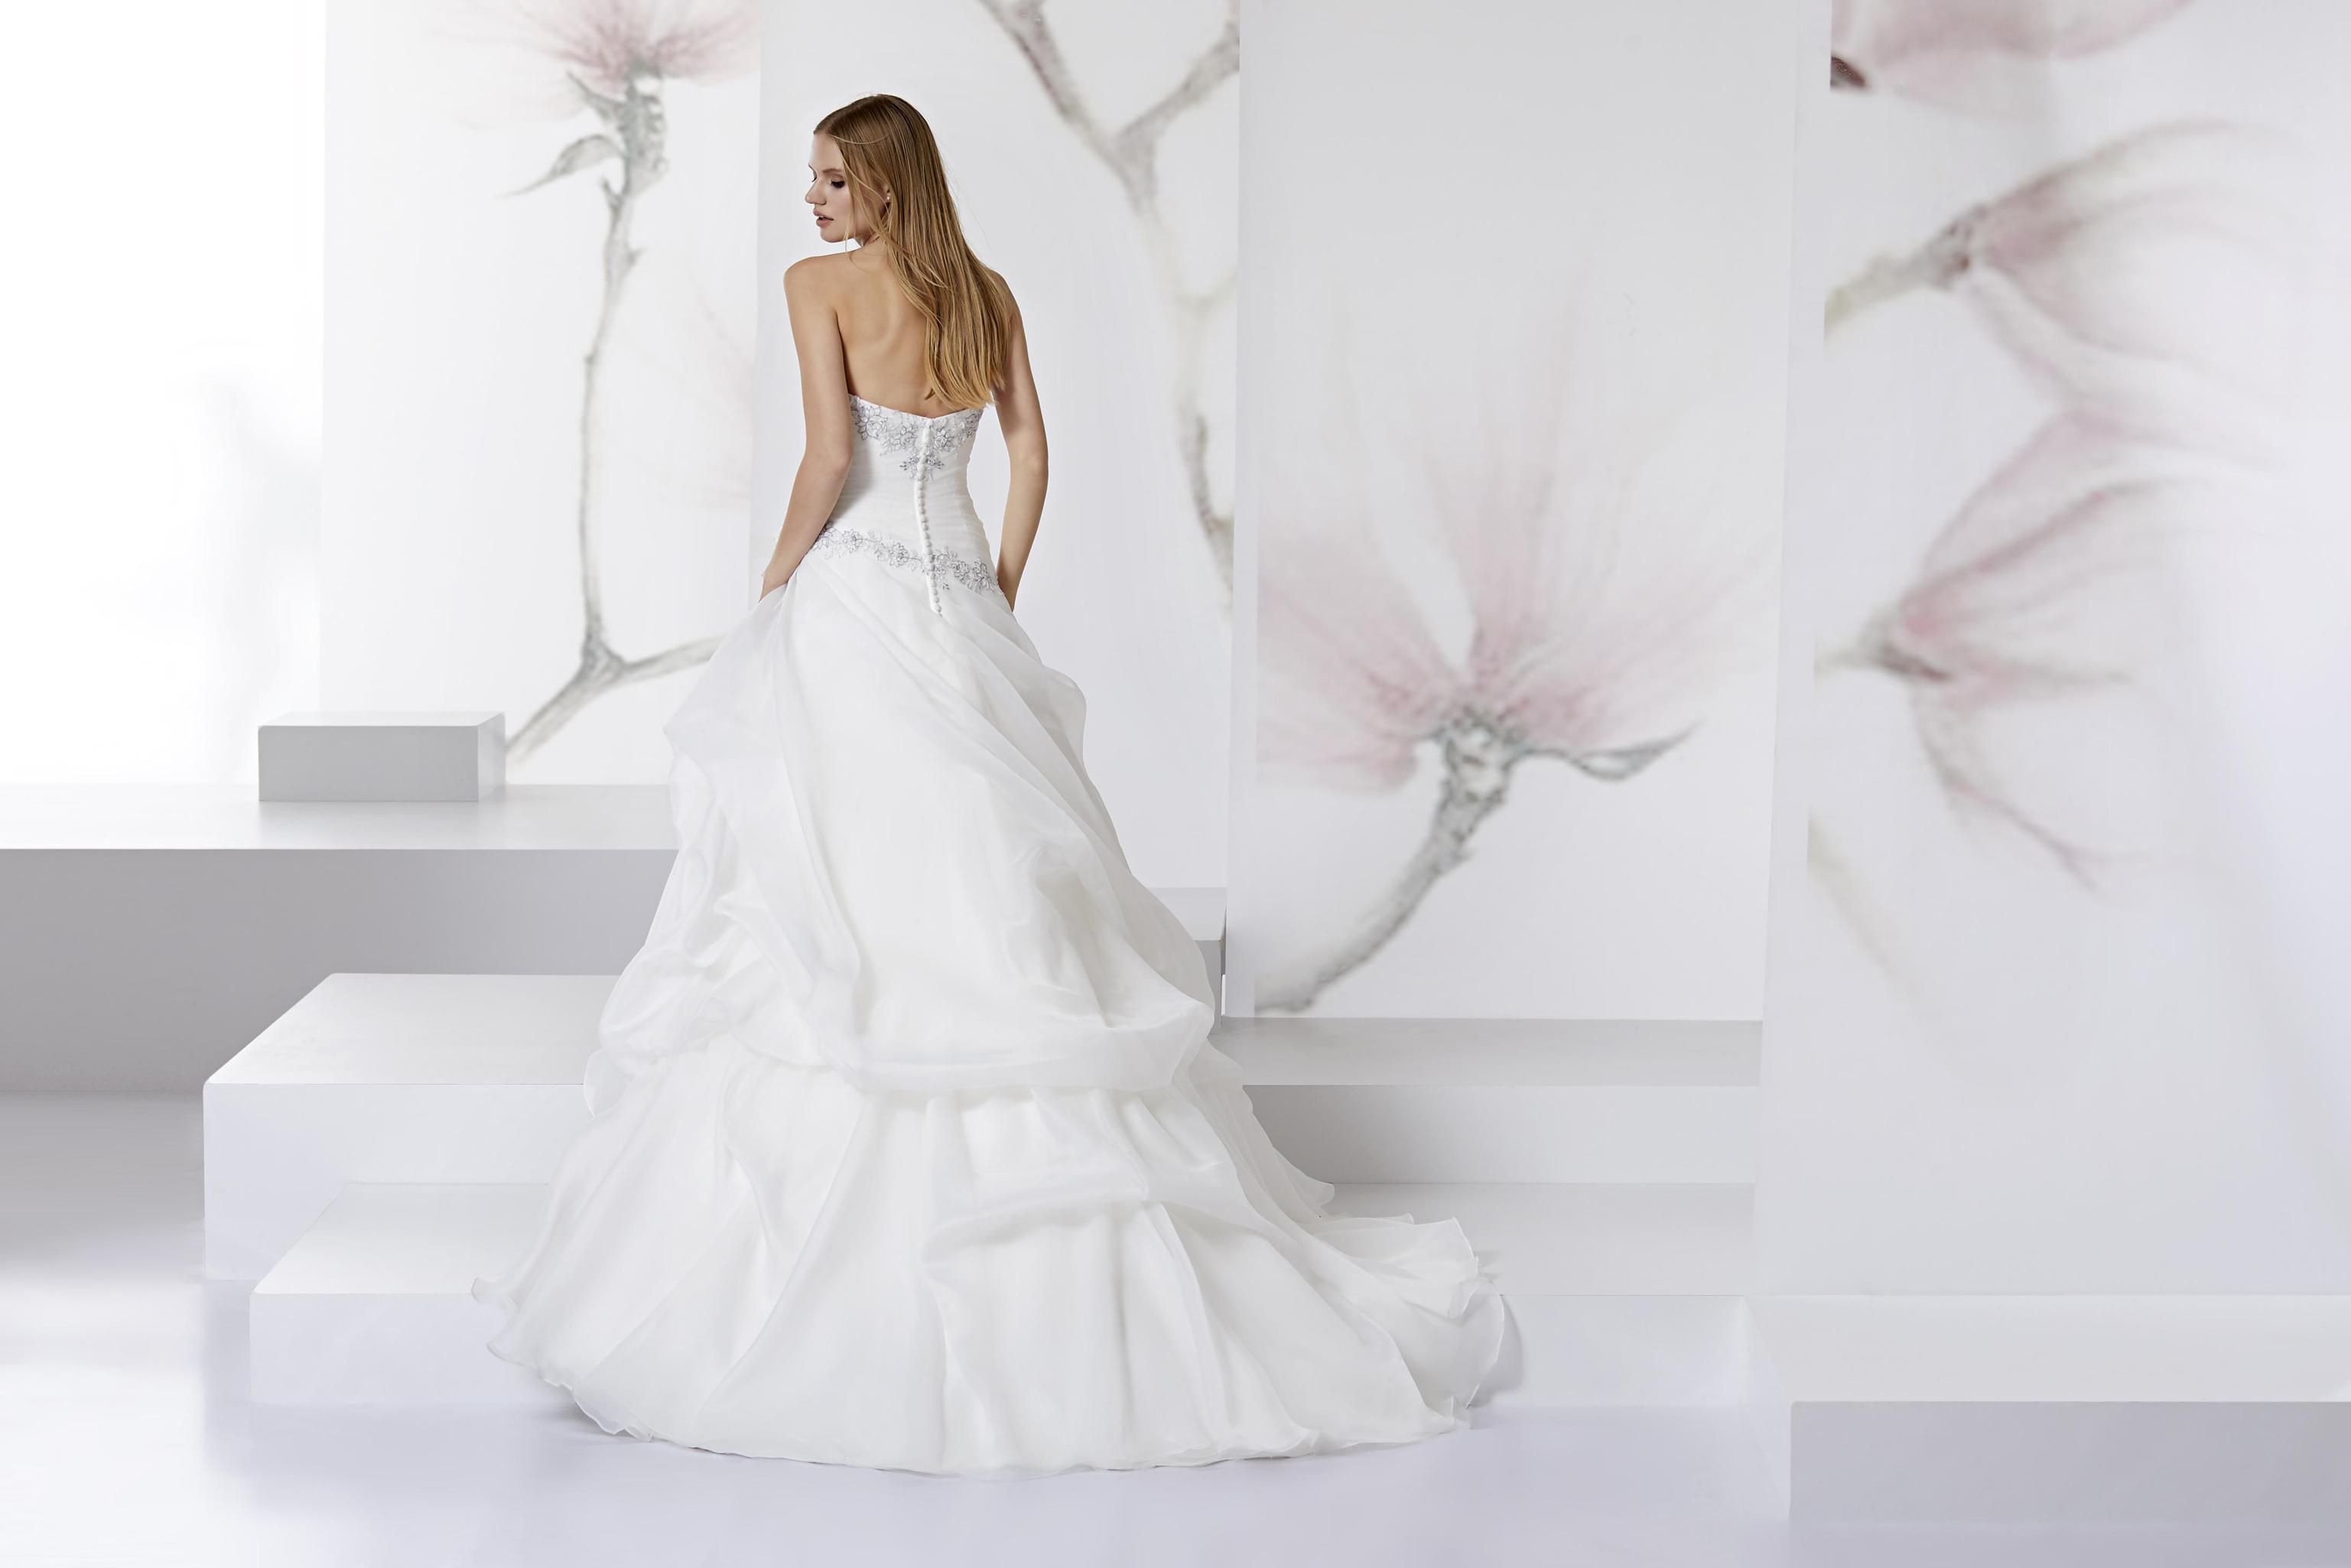 dd13471a04db Ti piace questo abito  Condividilo!